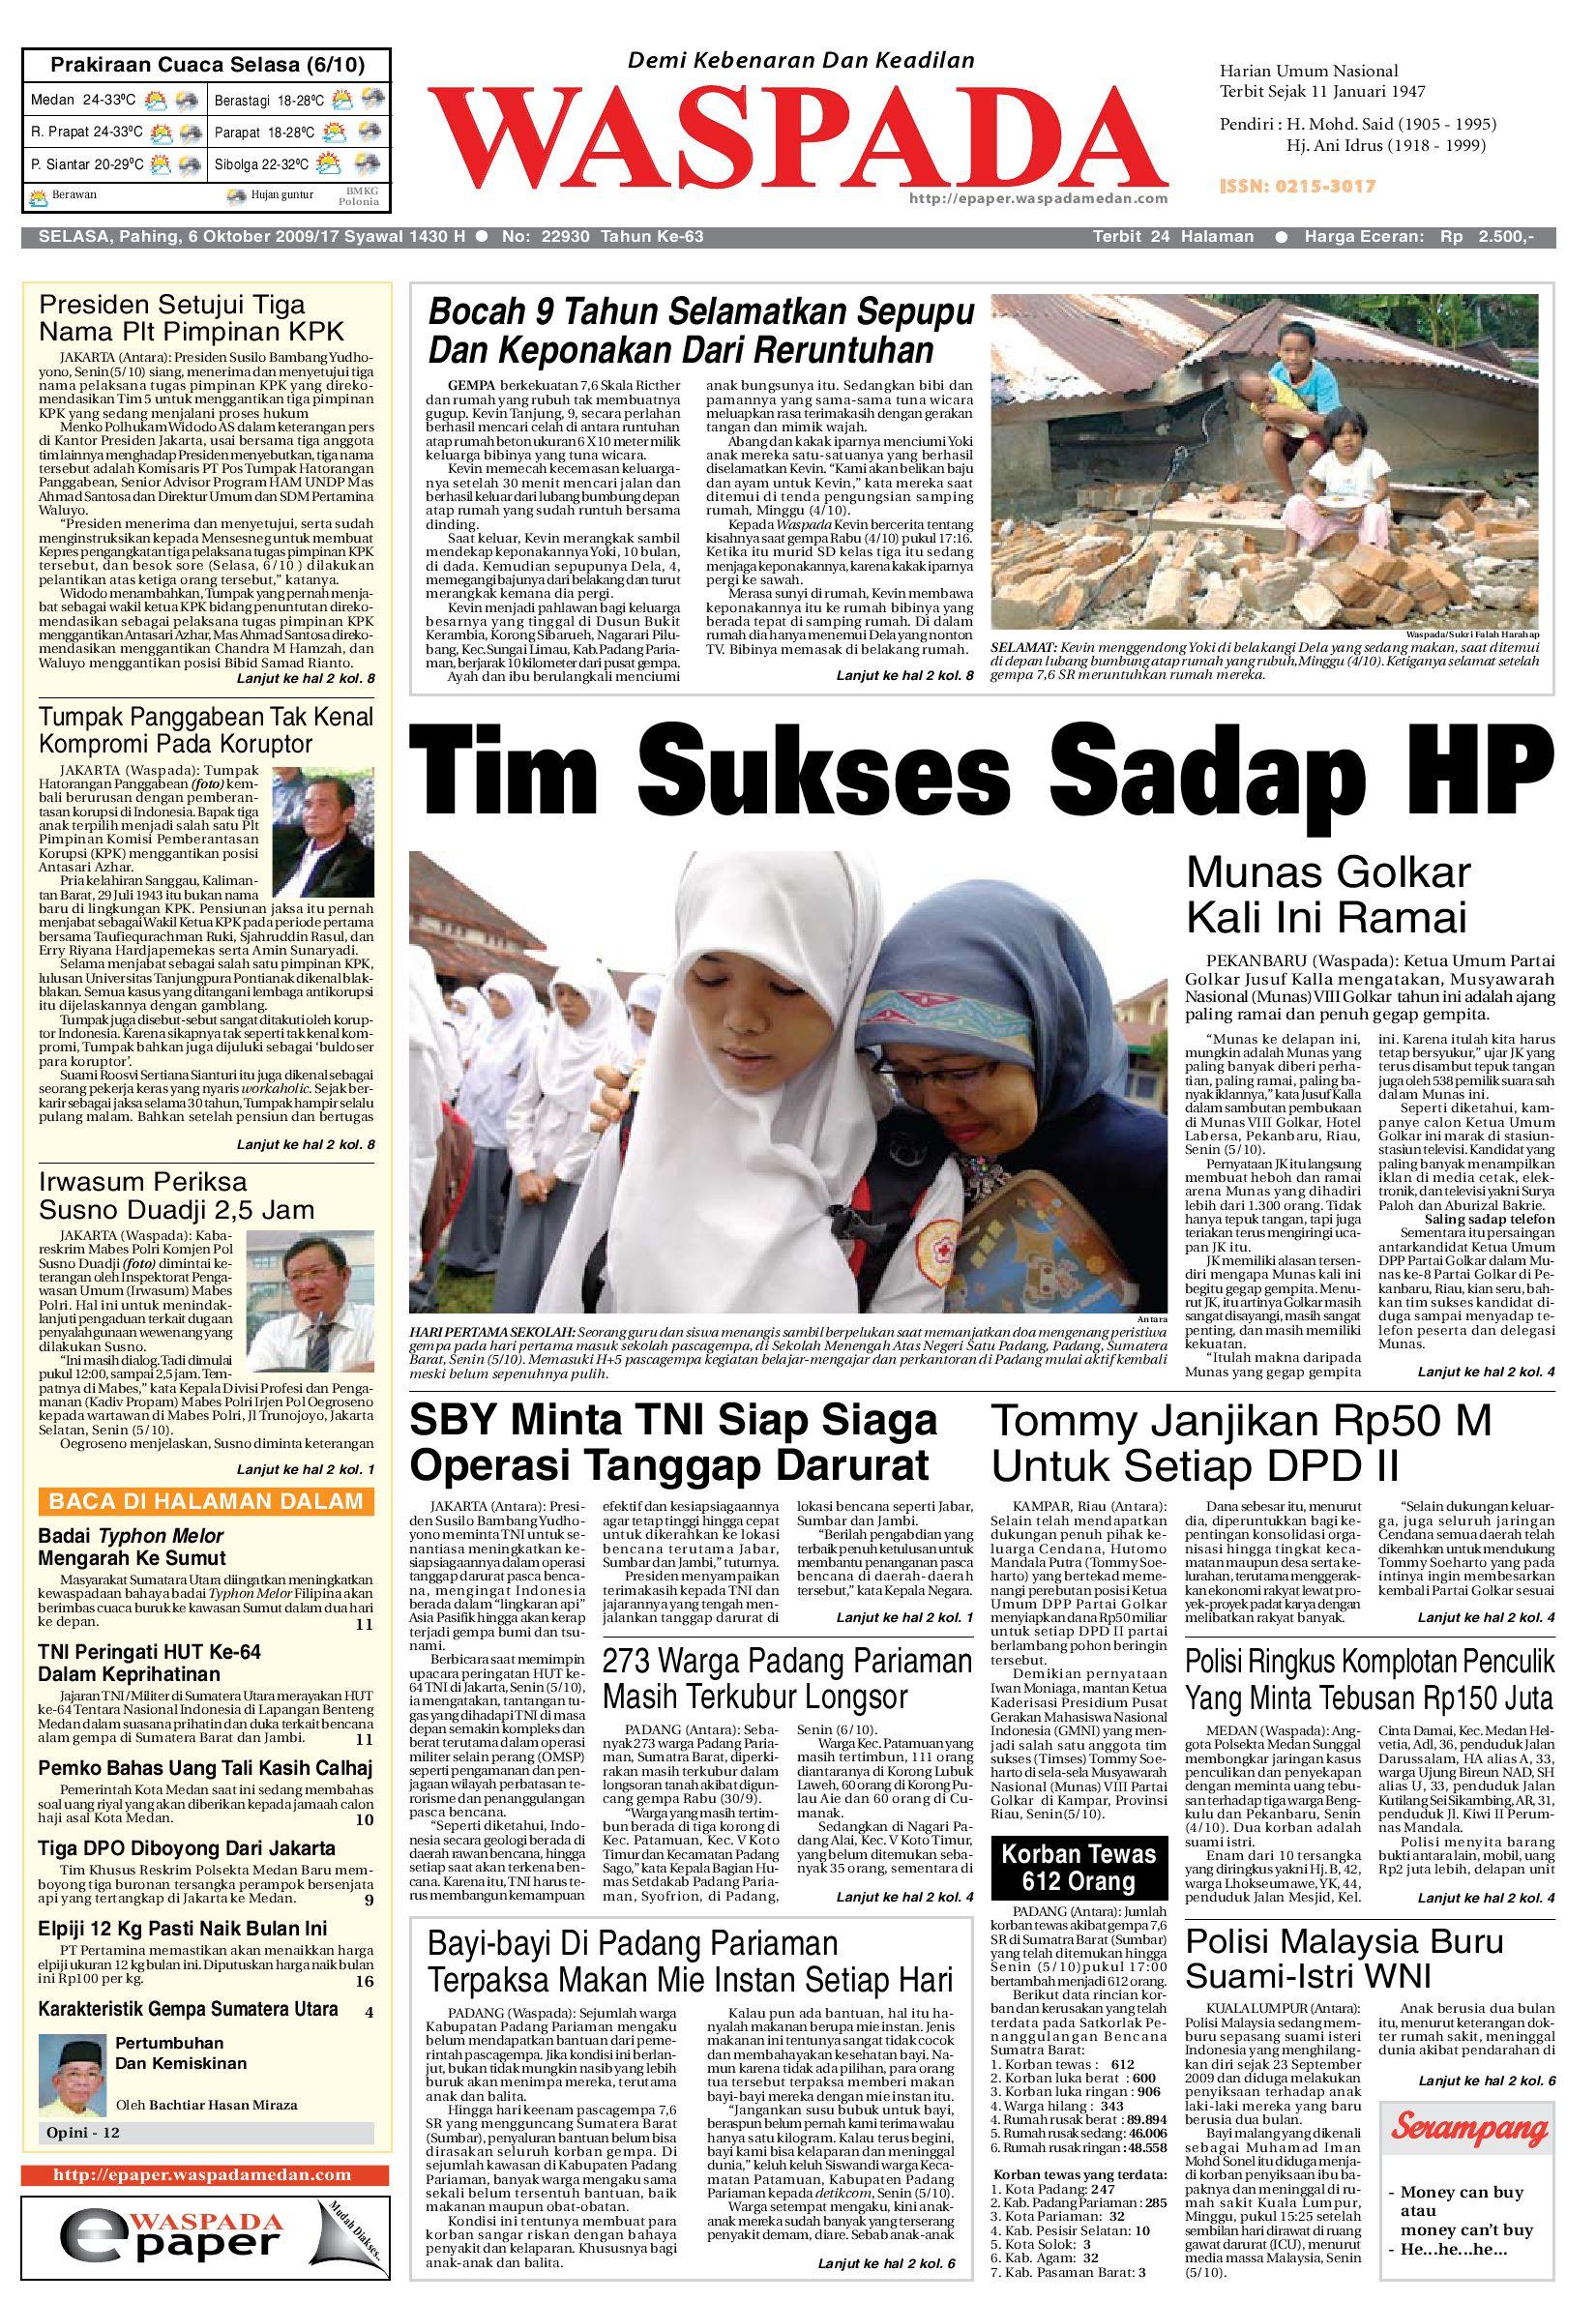 Waspada Selasa 6 Oktober 2009 By Harian Issuu Charger Warna Warni Merk Hasan Sj0048